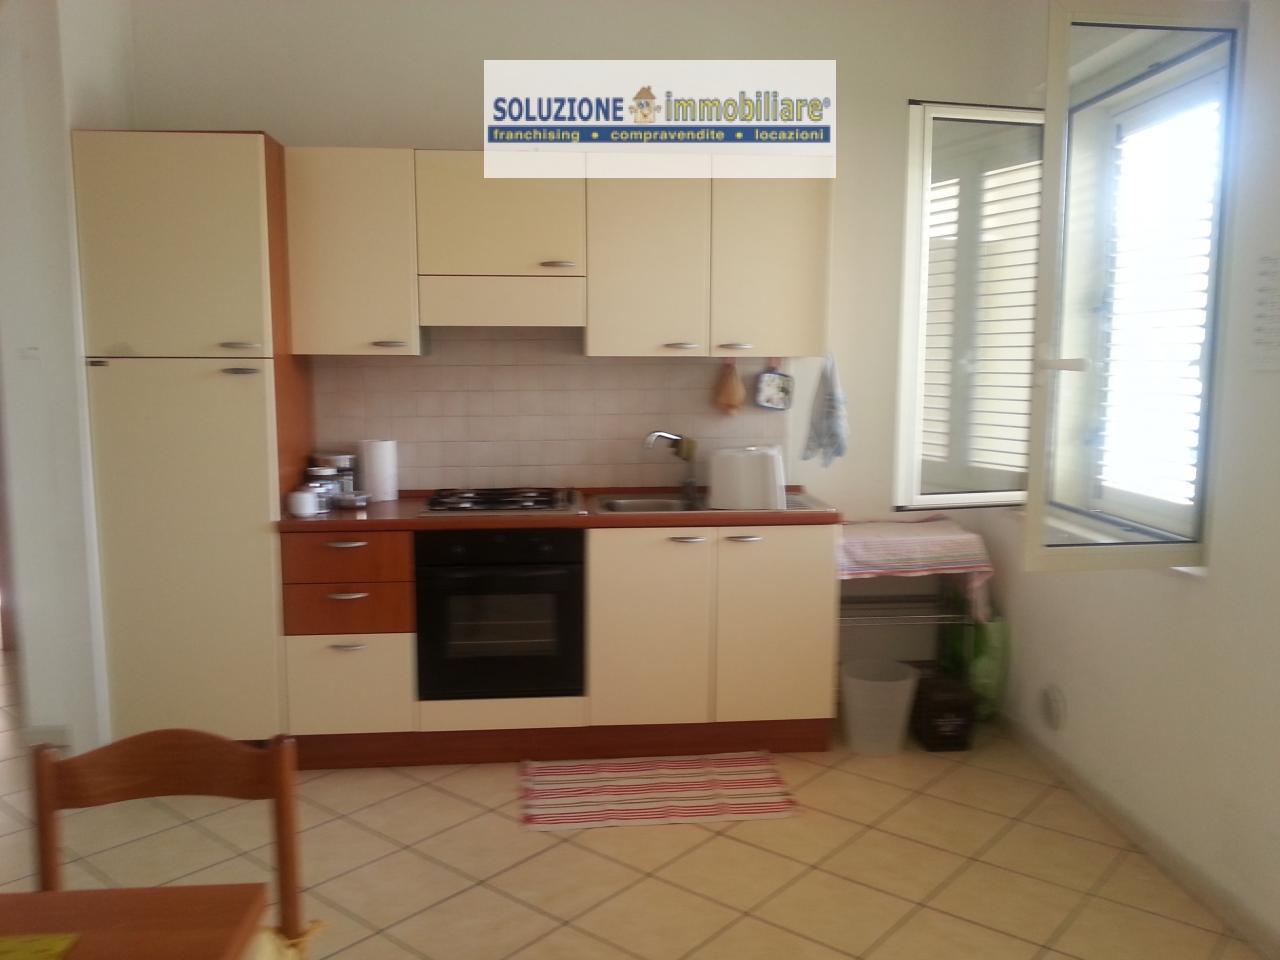 Appartamento in affitto a Chieti, 5 locali, zona Zona: Semicentro, prezzo € 220 | CambioCasa.it